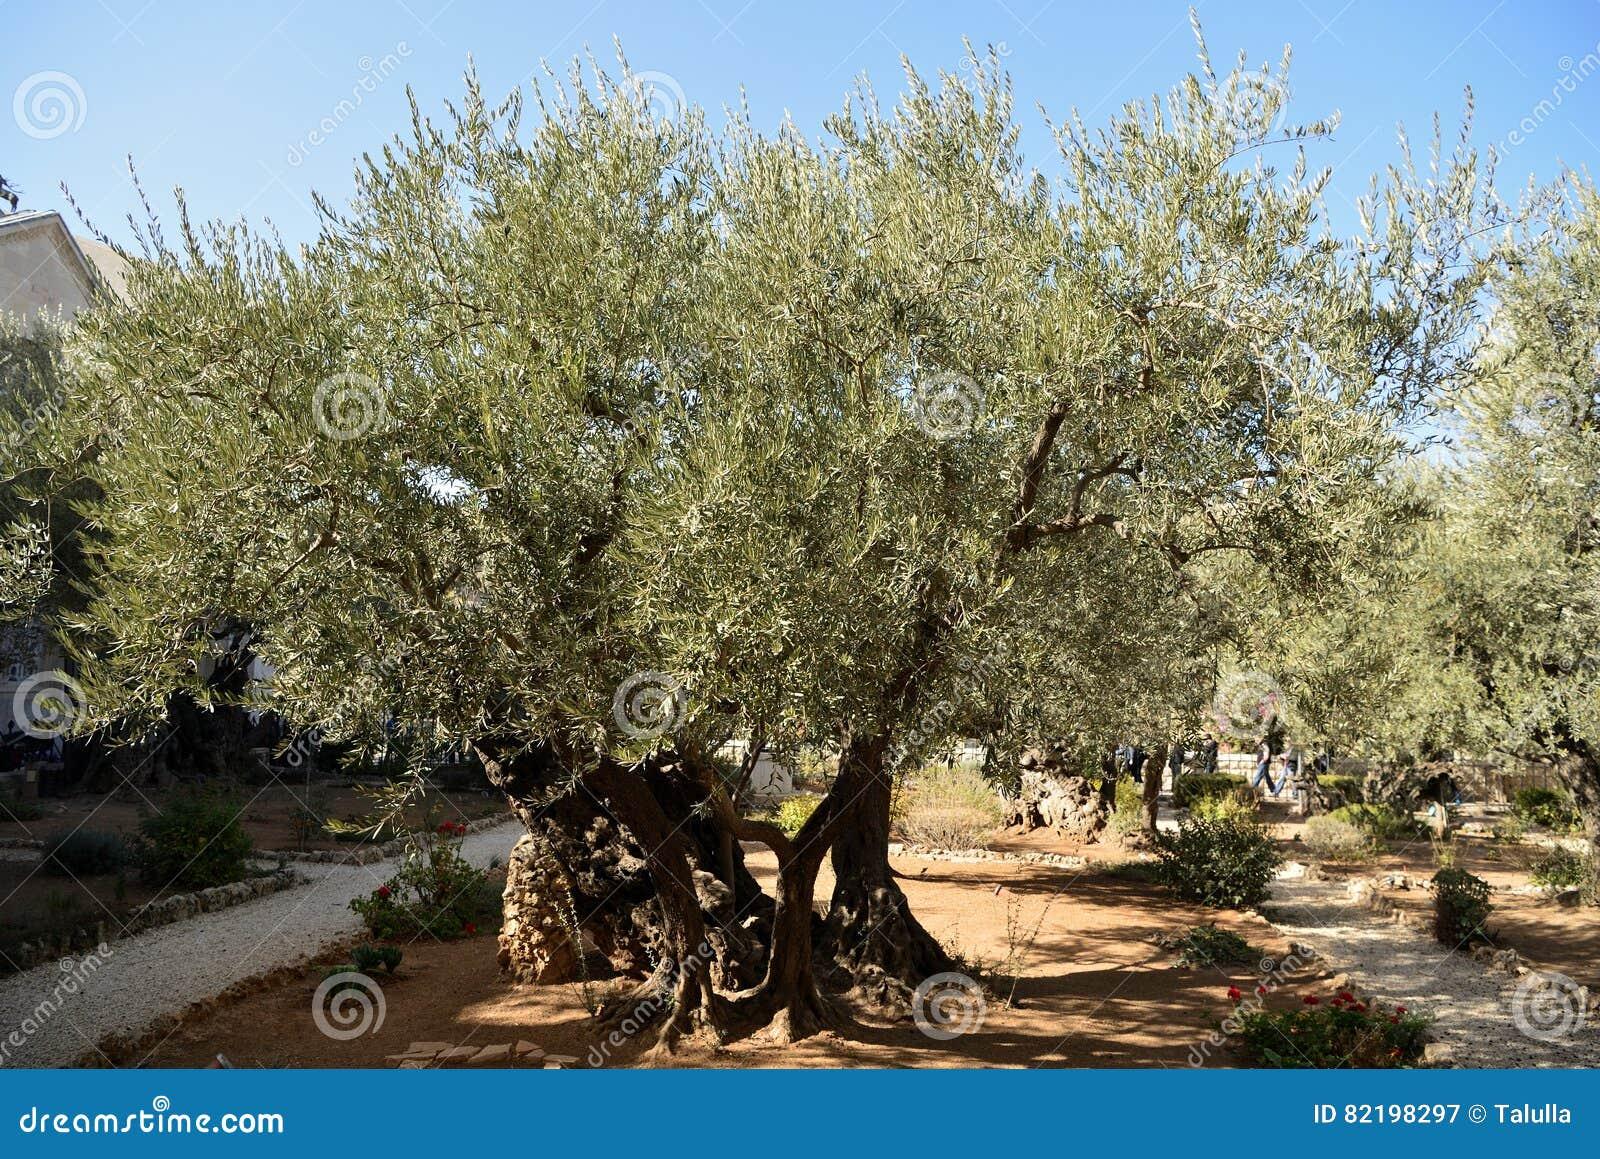 Olive Trees In The Garden Of Gethsemane, Jerusalem Stock Image ...